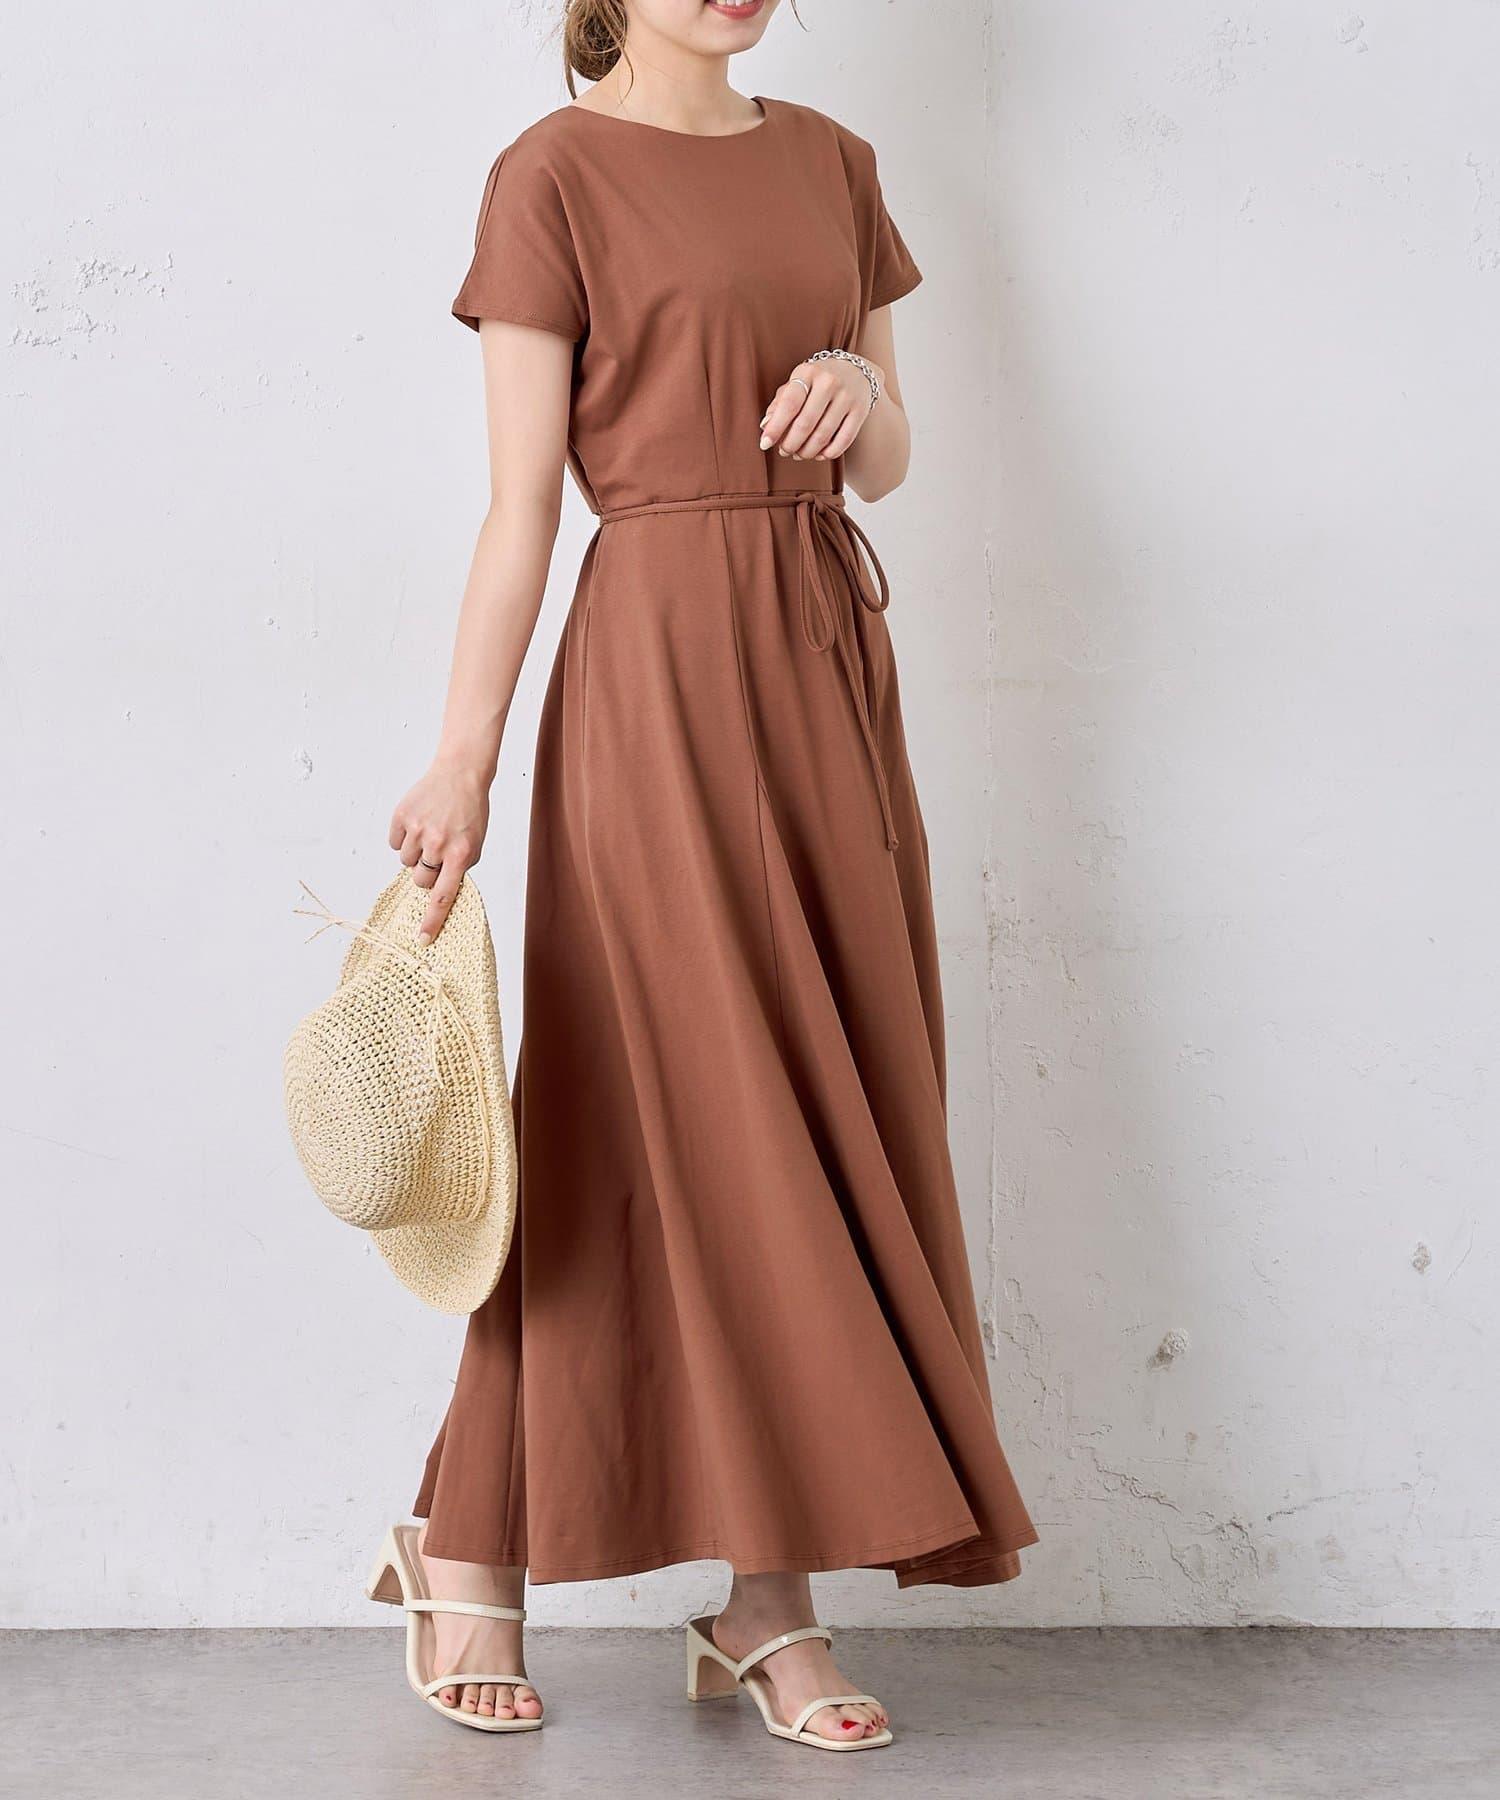 natural couture(ナチュラルクチュール) 【MAYUKOさんコラボ】前後2WAY美シルエットカットワンピース